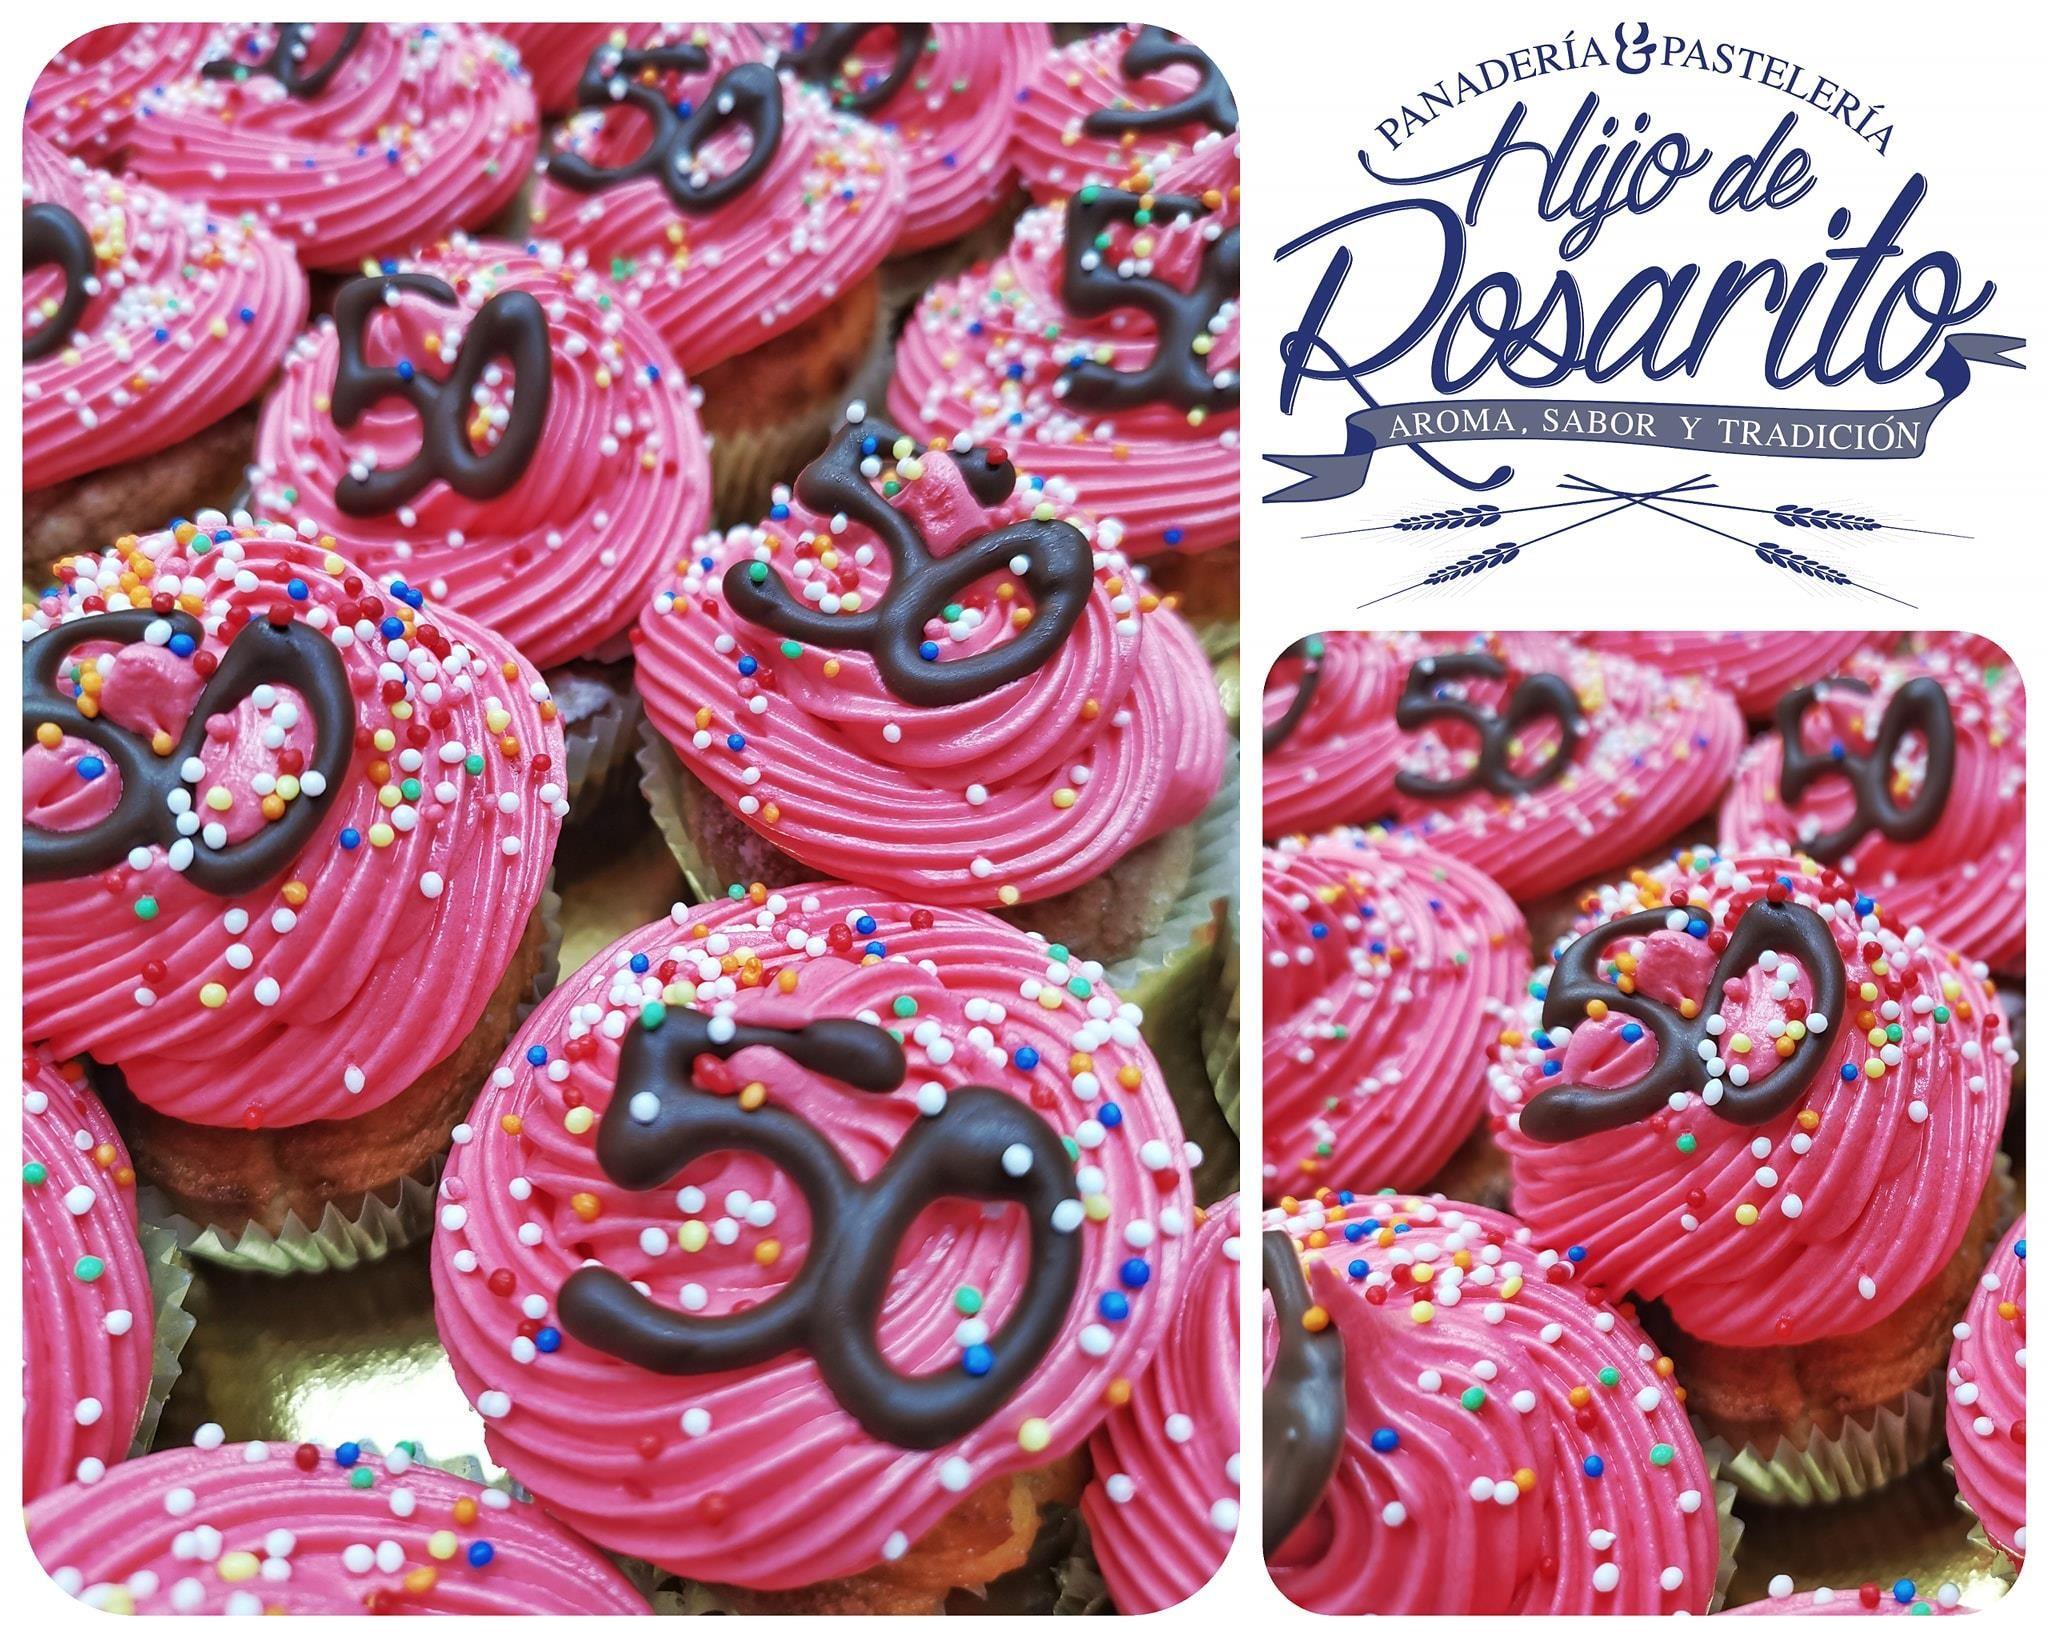 Personalizamos pasteles para cumpleaños y aniversarios